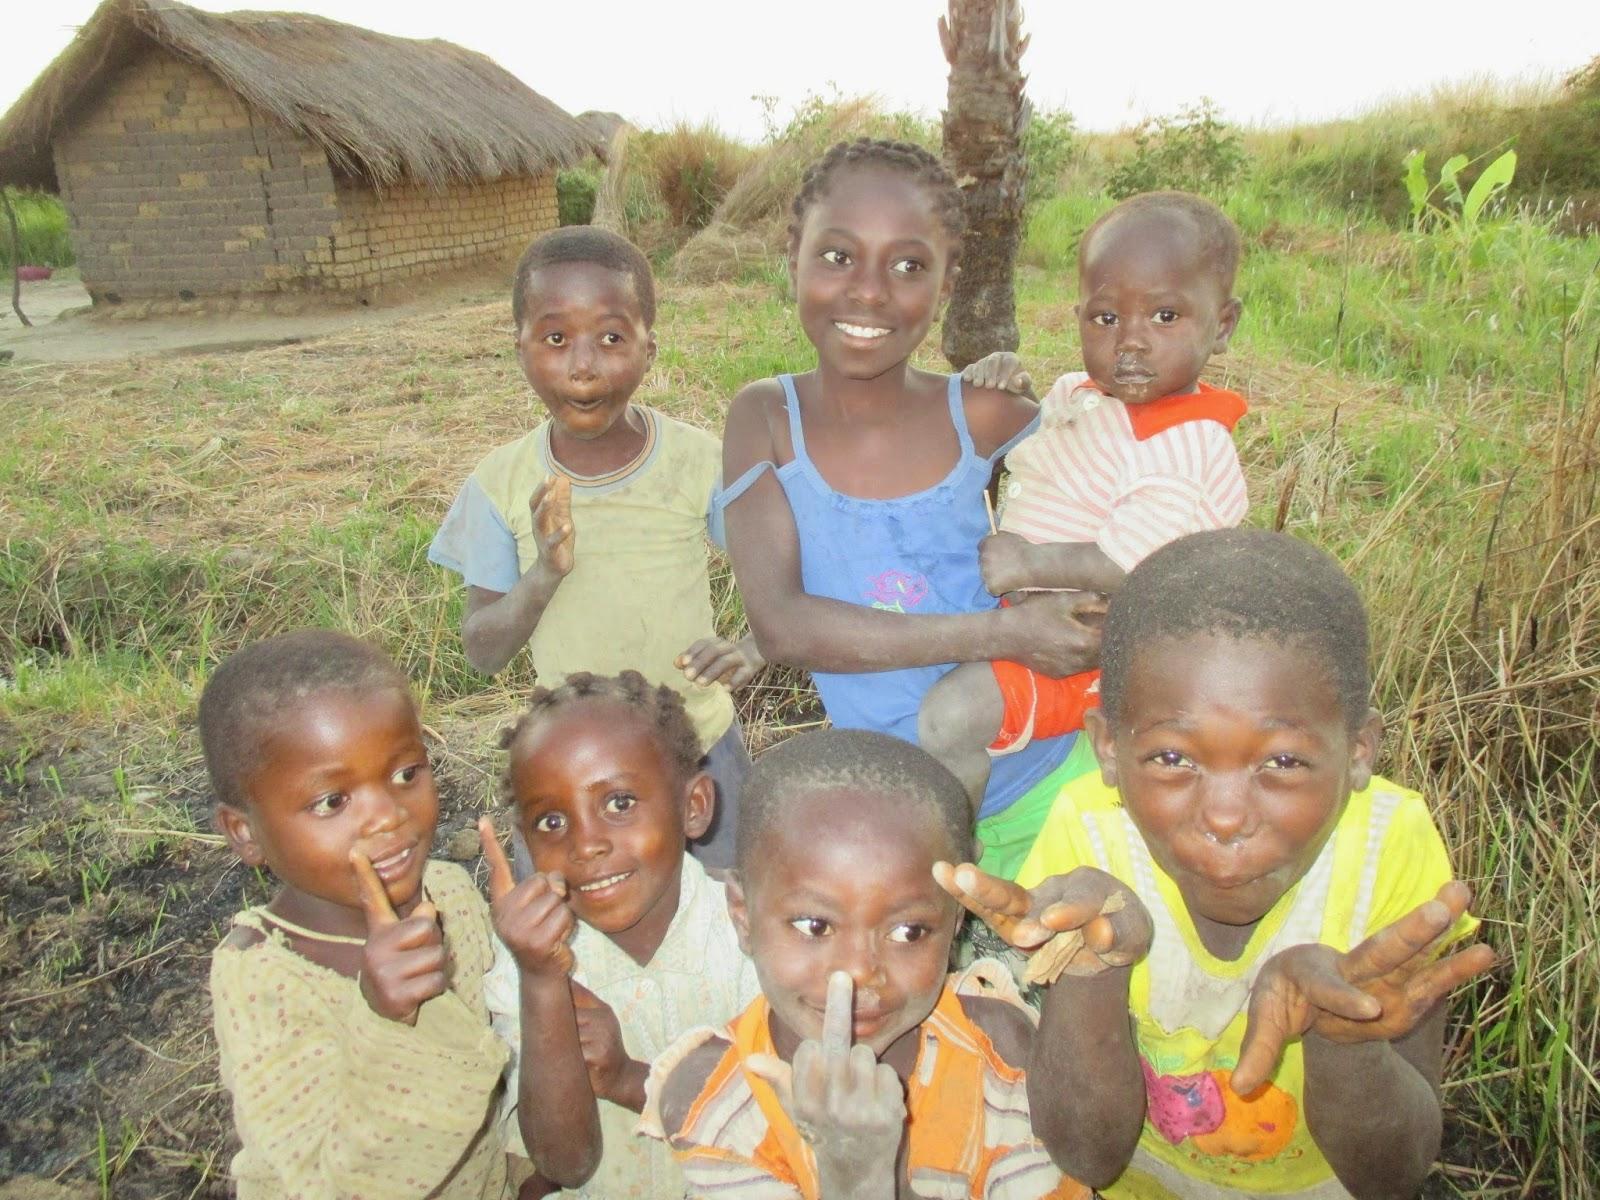 caras de niñas y niños negros sonrientes